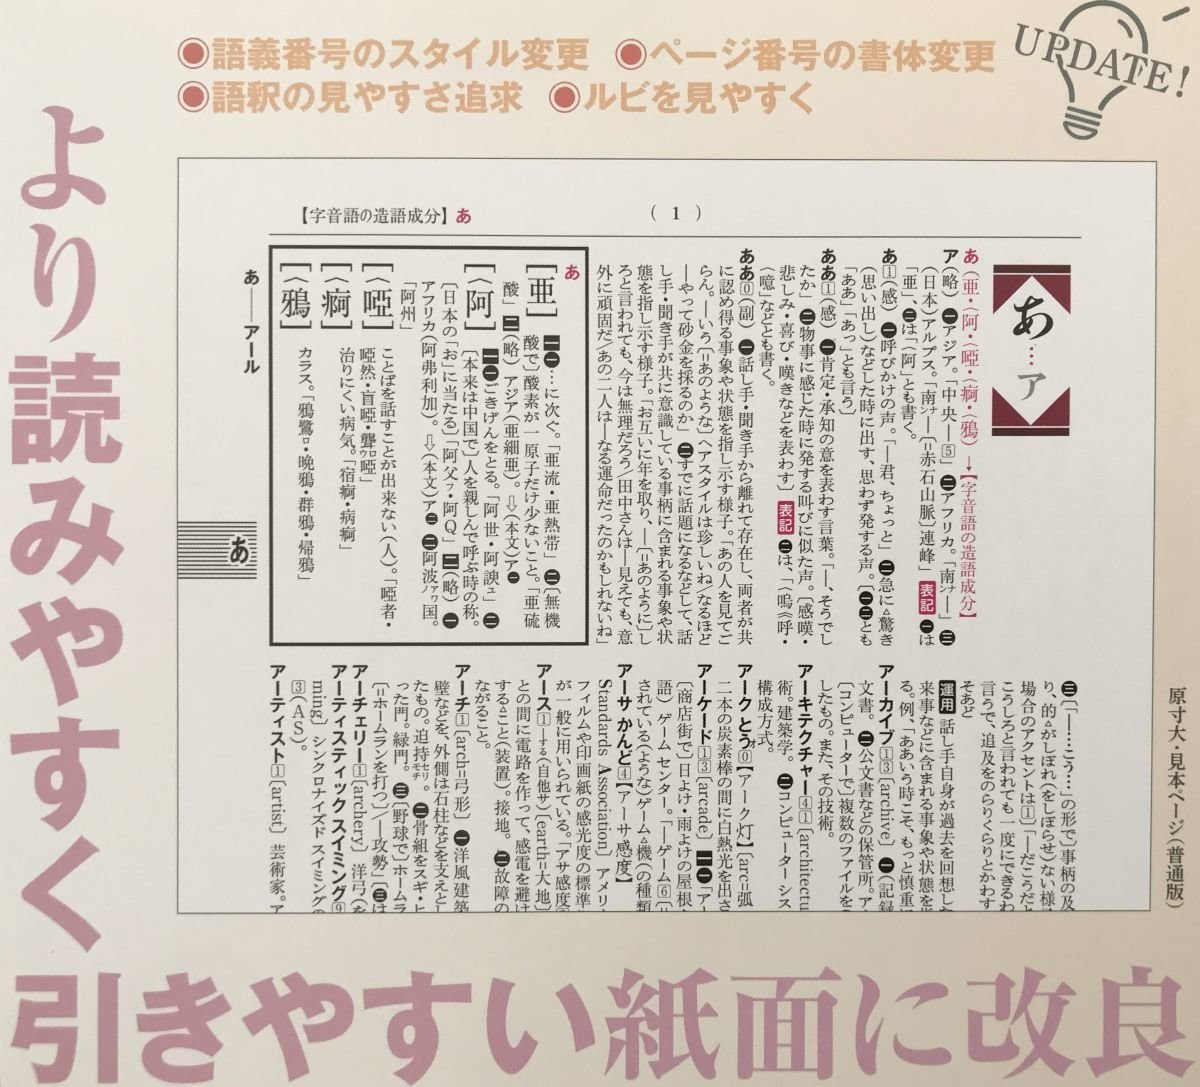 新明解国語辞典 第8版 リーフレット 読みやすさ